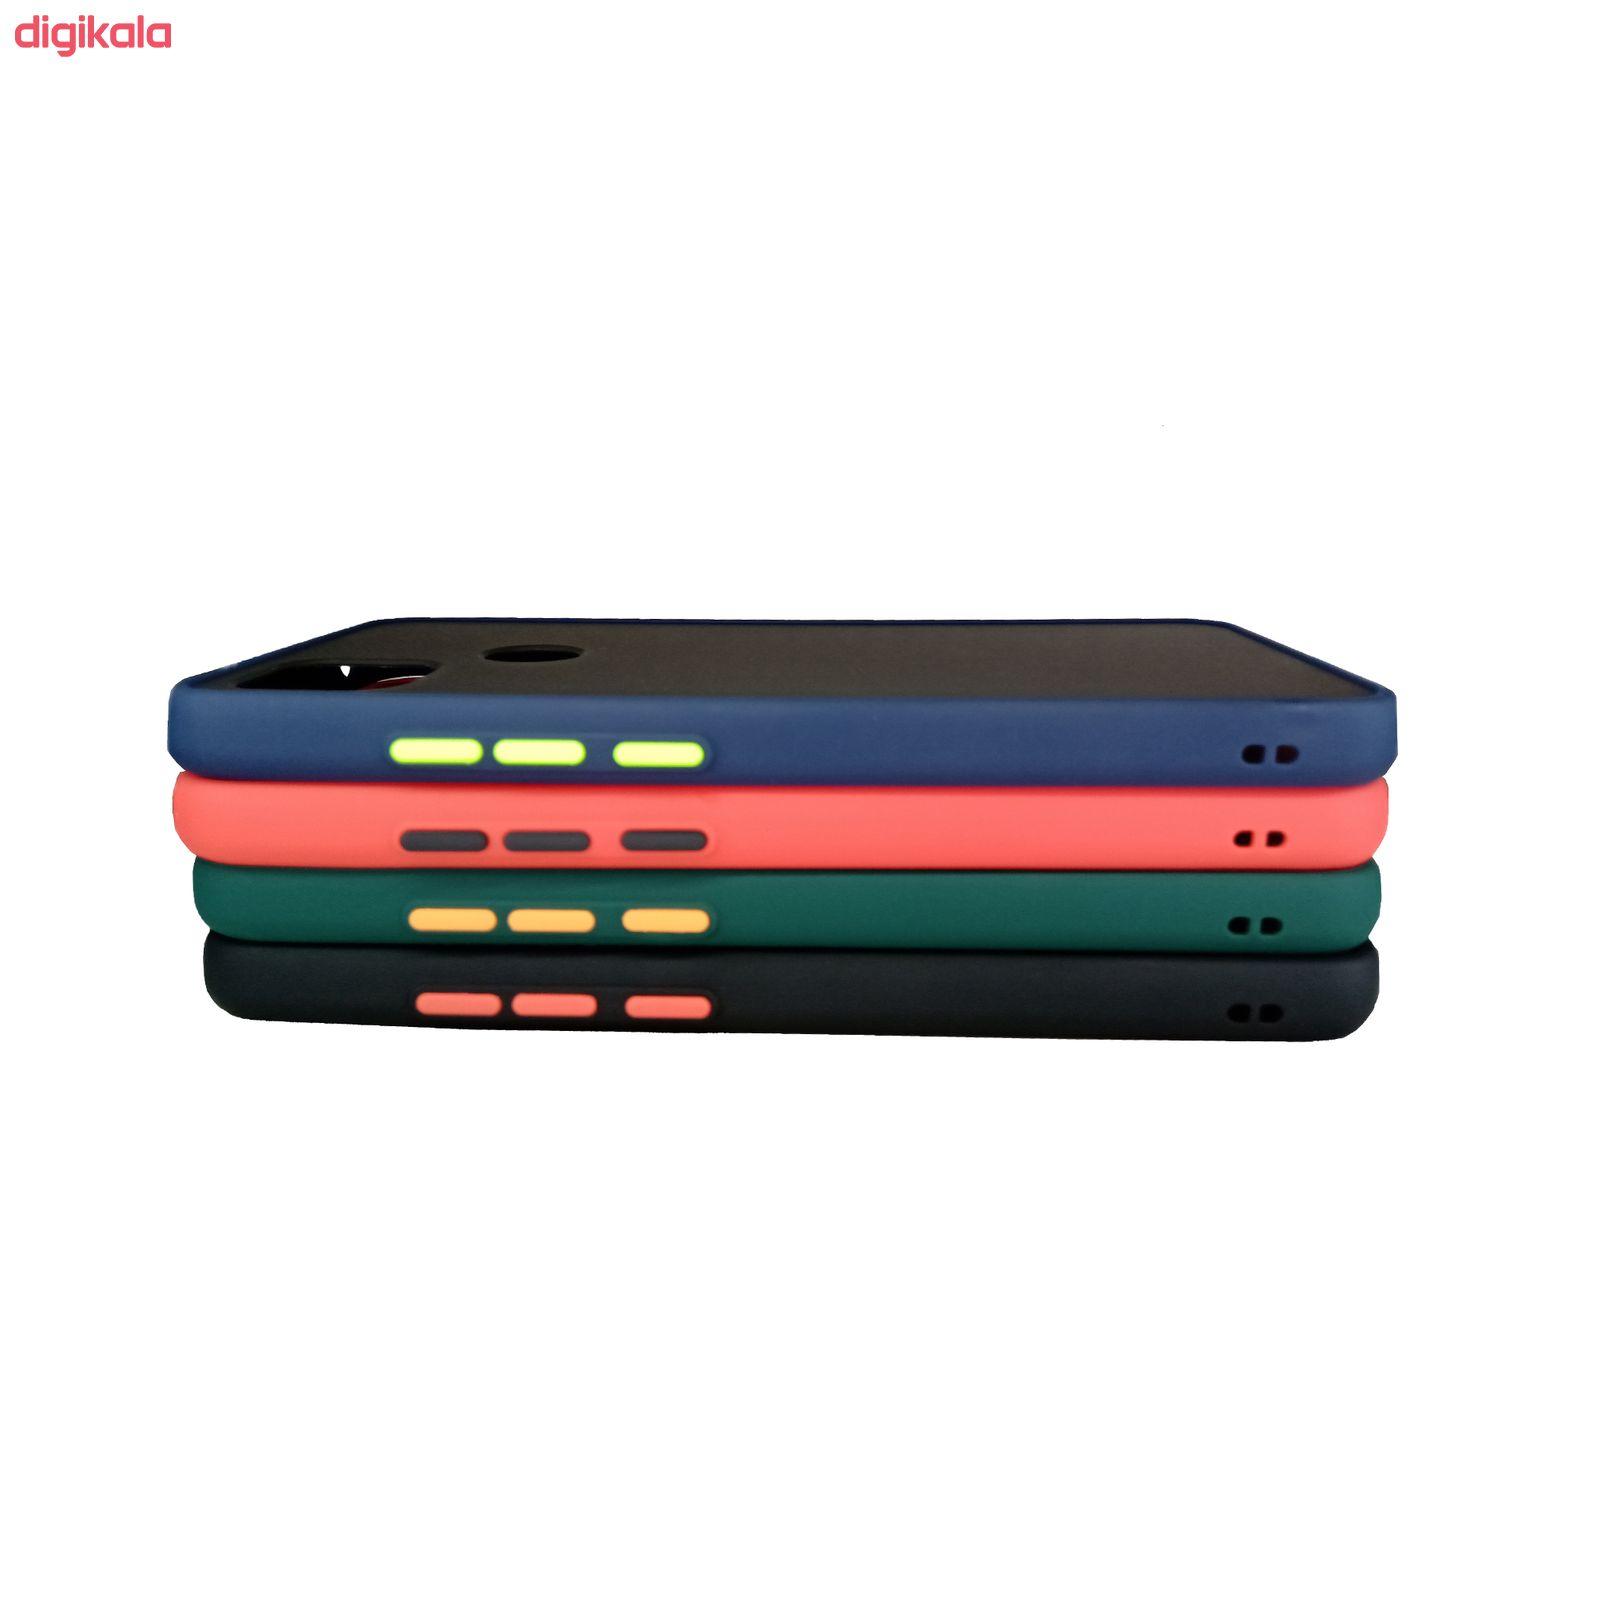 کاور مدل GD-2 مناسب برای گوشی موبایل شیائومی Redmi 9c main 1 2